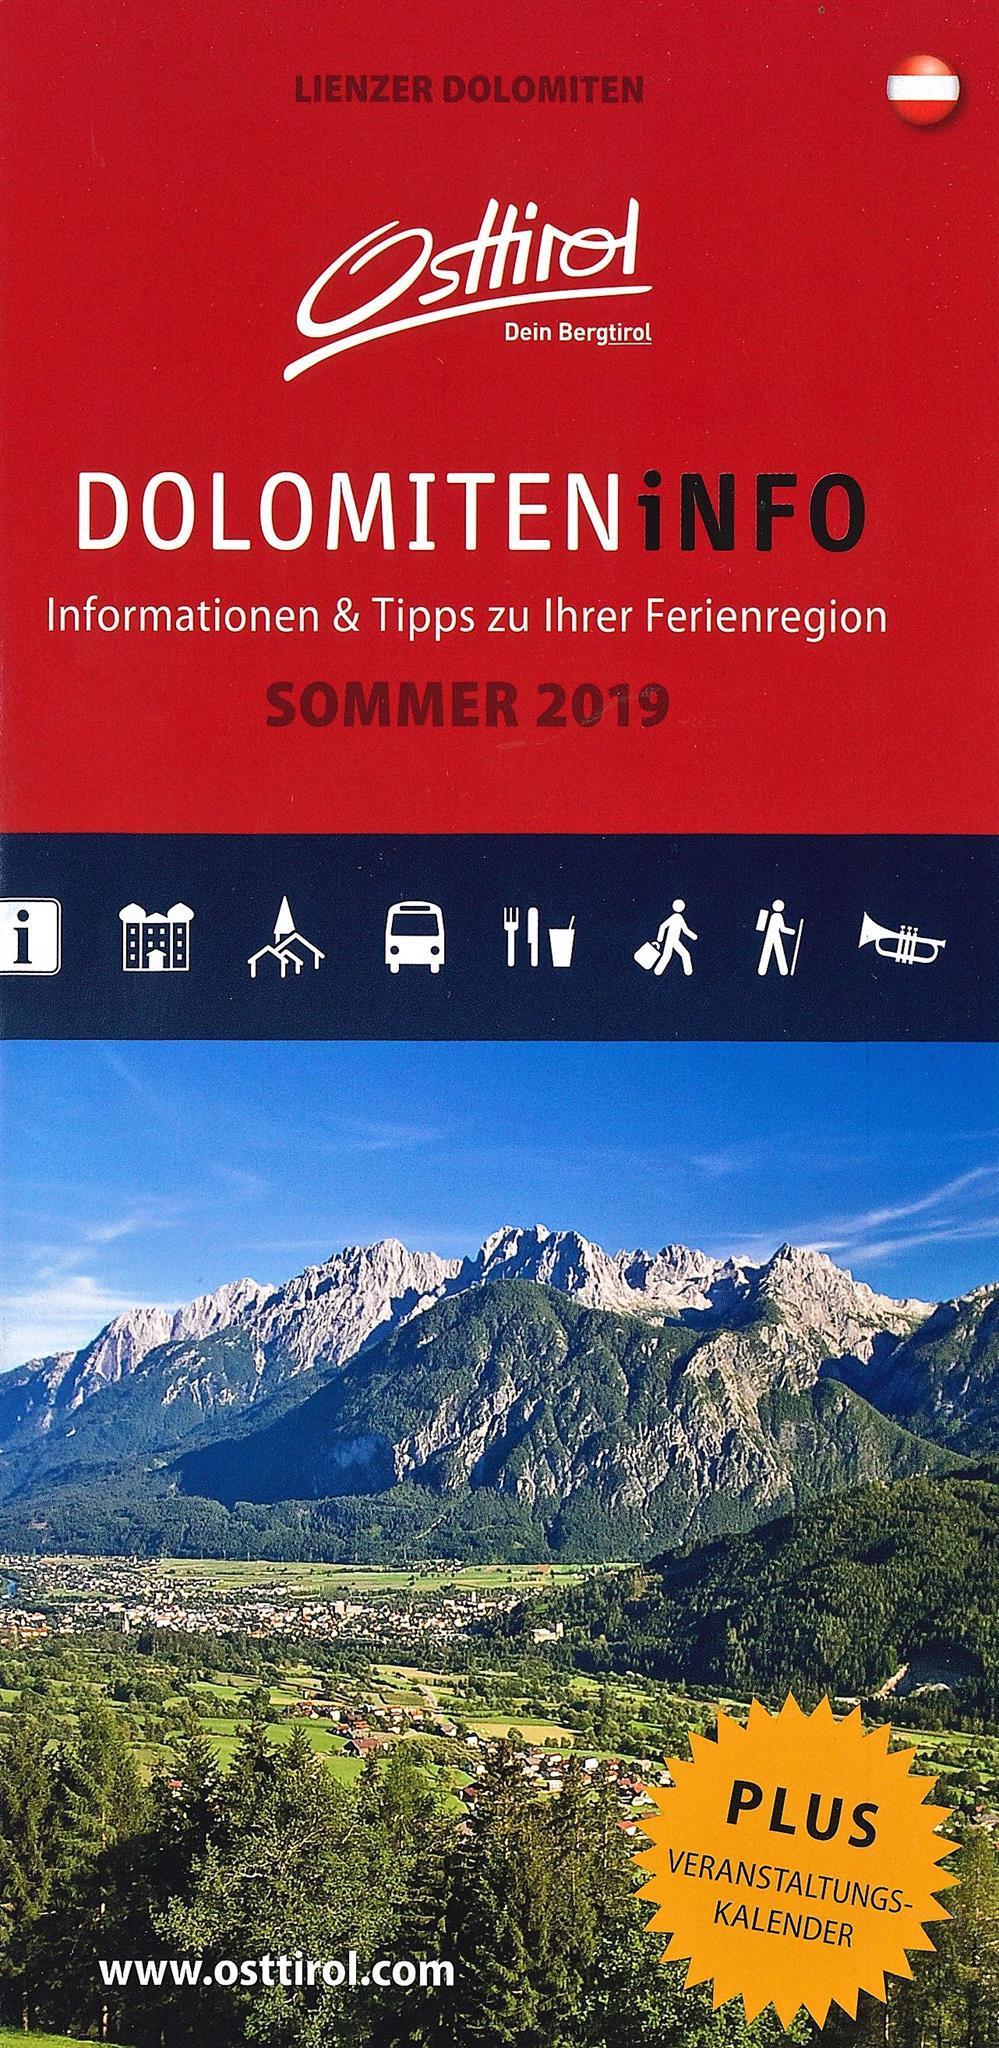 Dolomiteninfo-Sommer-2019.jpg